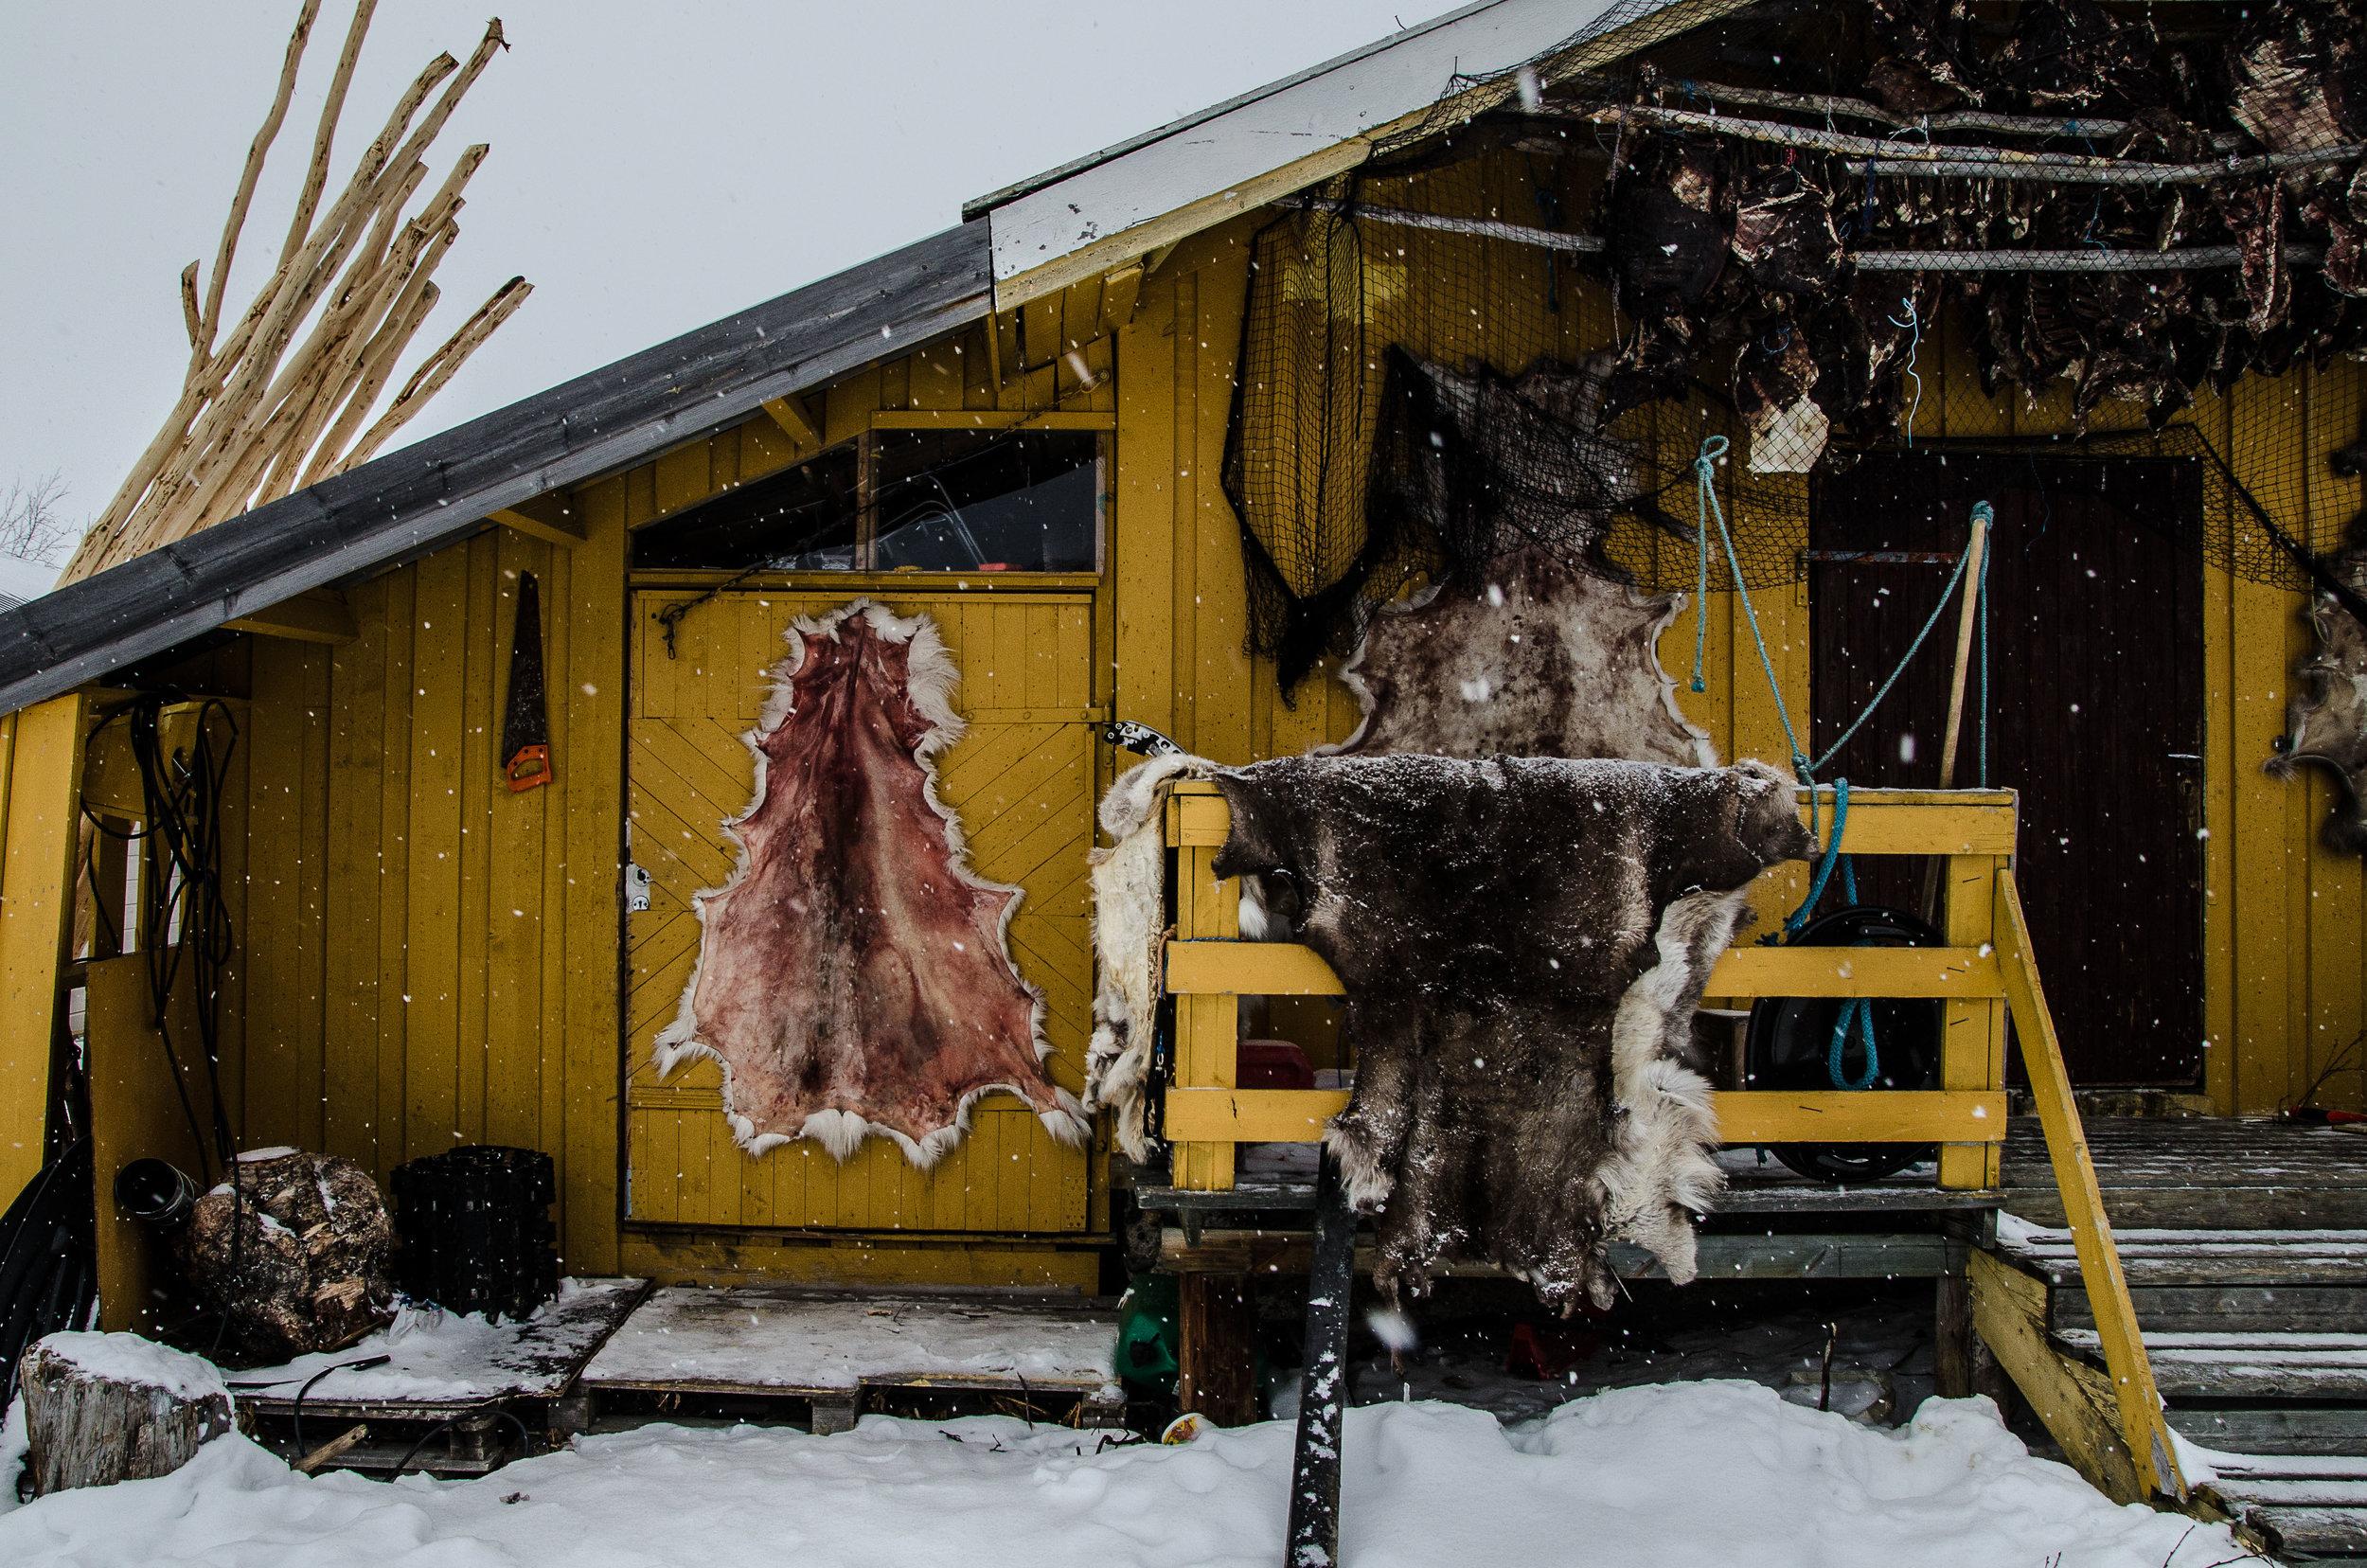 Samisk-heimkunnskap-BILDE1.jpg